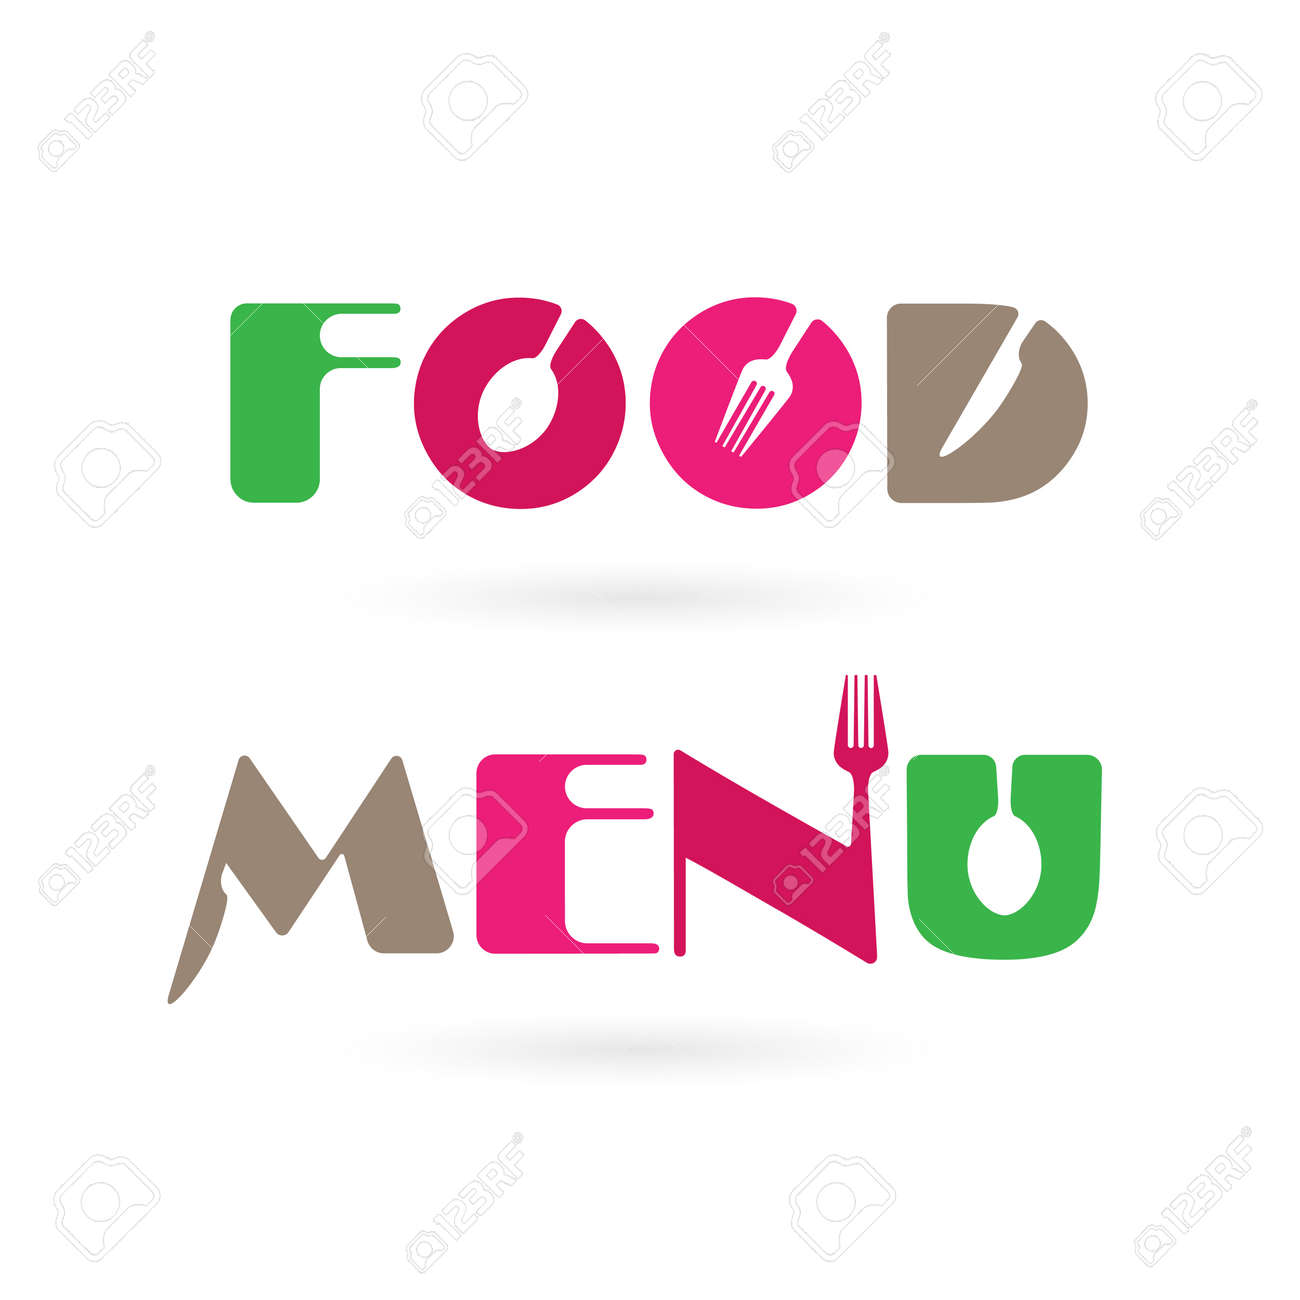 Kreative Küche Meun Wort Logo Design-Elemente Mit Löffel, Messer Und ...